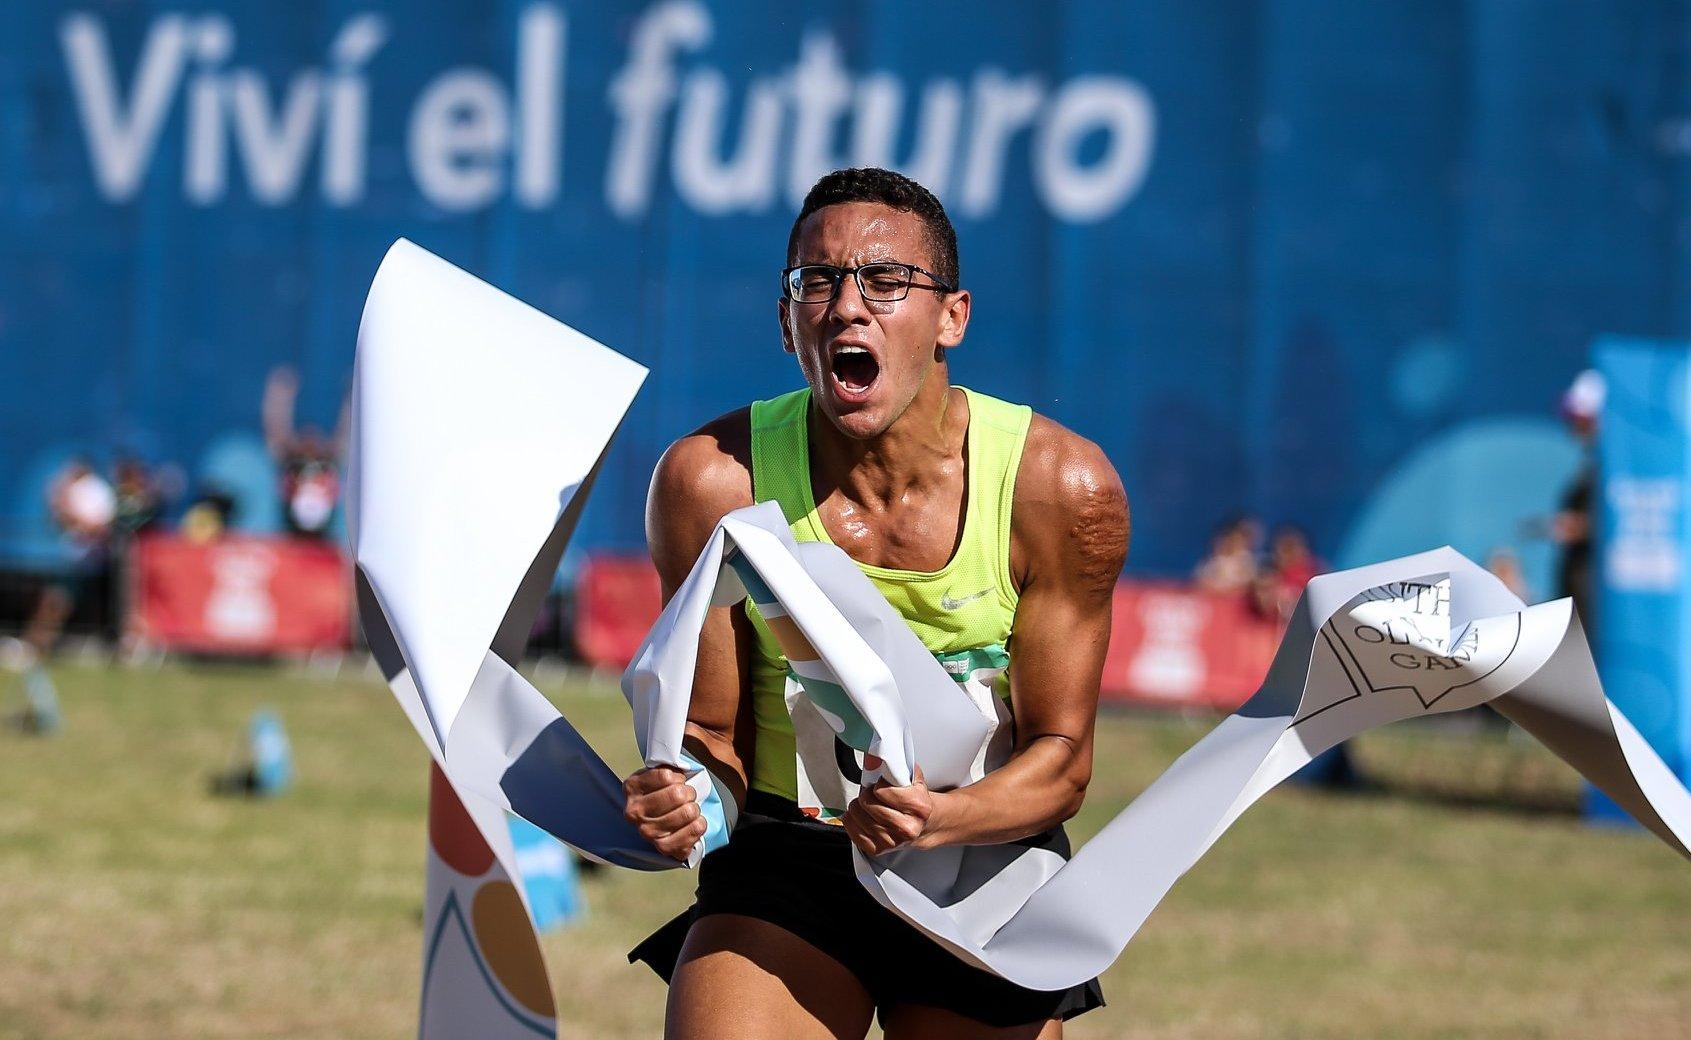 Egyptian Pentathlete Ahmed El-Gendy Crowned UIPM Best Junior Athlete in the World